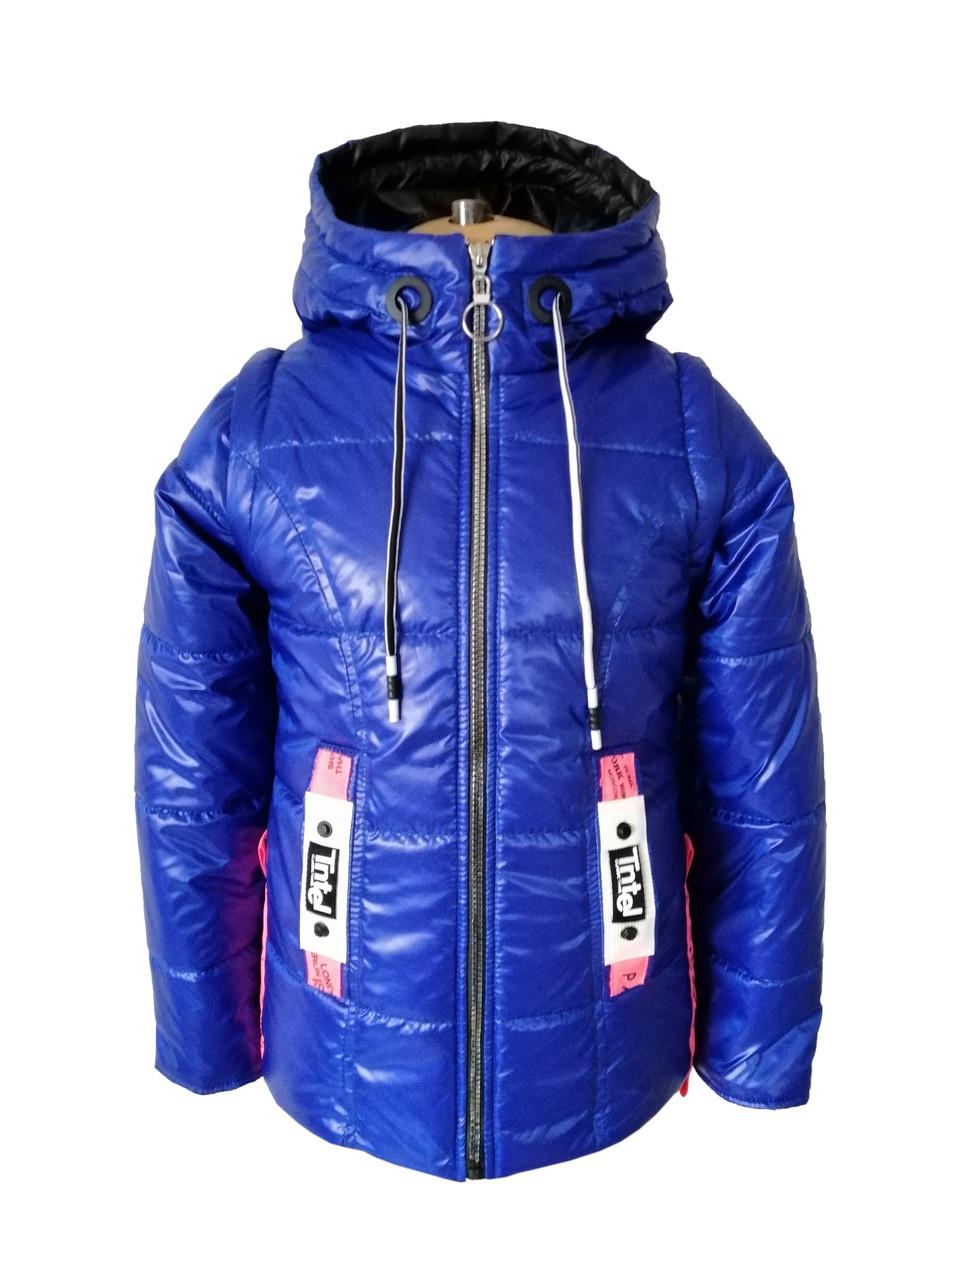 Куртка демисезонная на девочку  от производителя   34-44  электрик